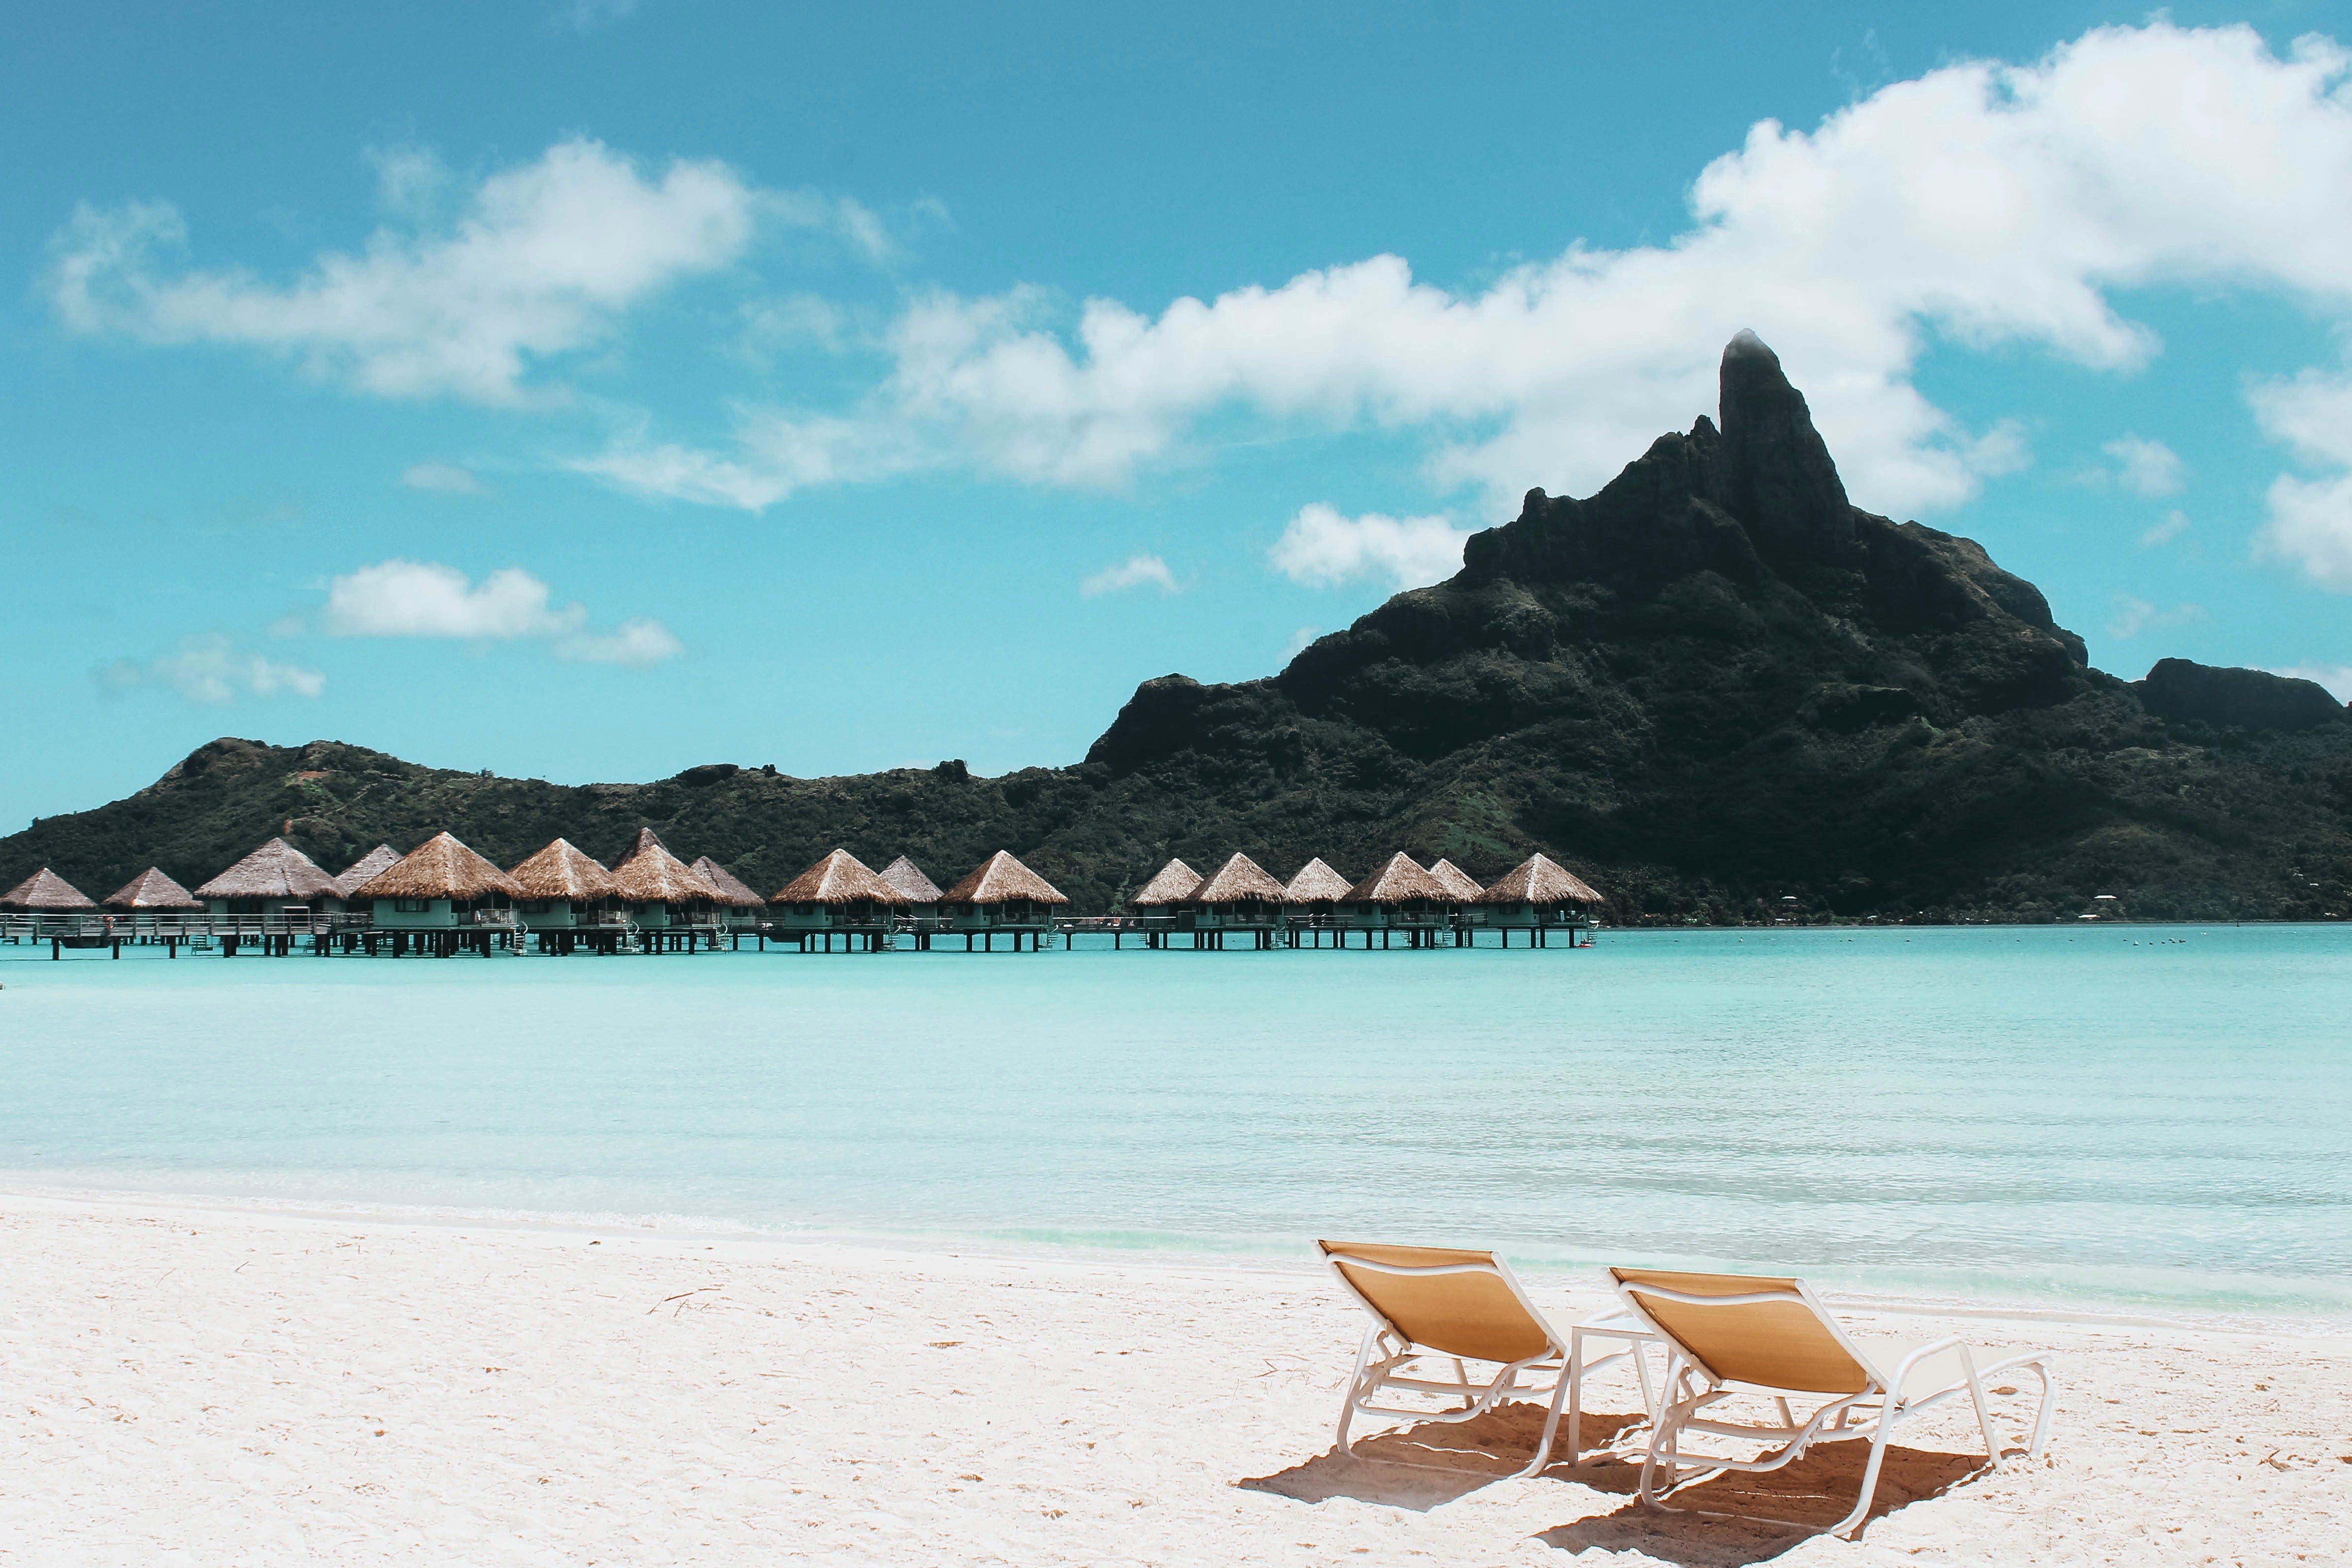 Beautiful Caribbean beach resort white sand